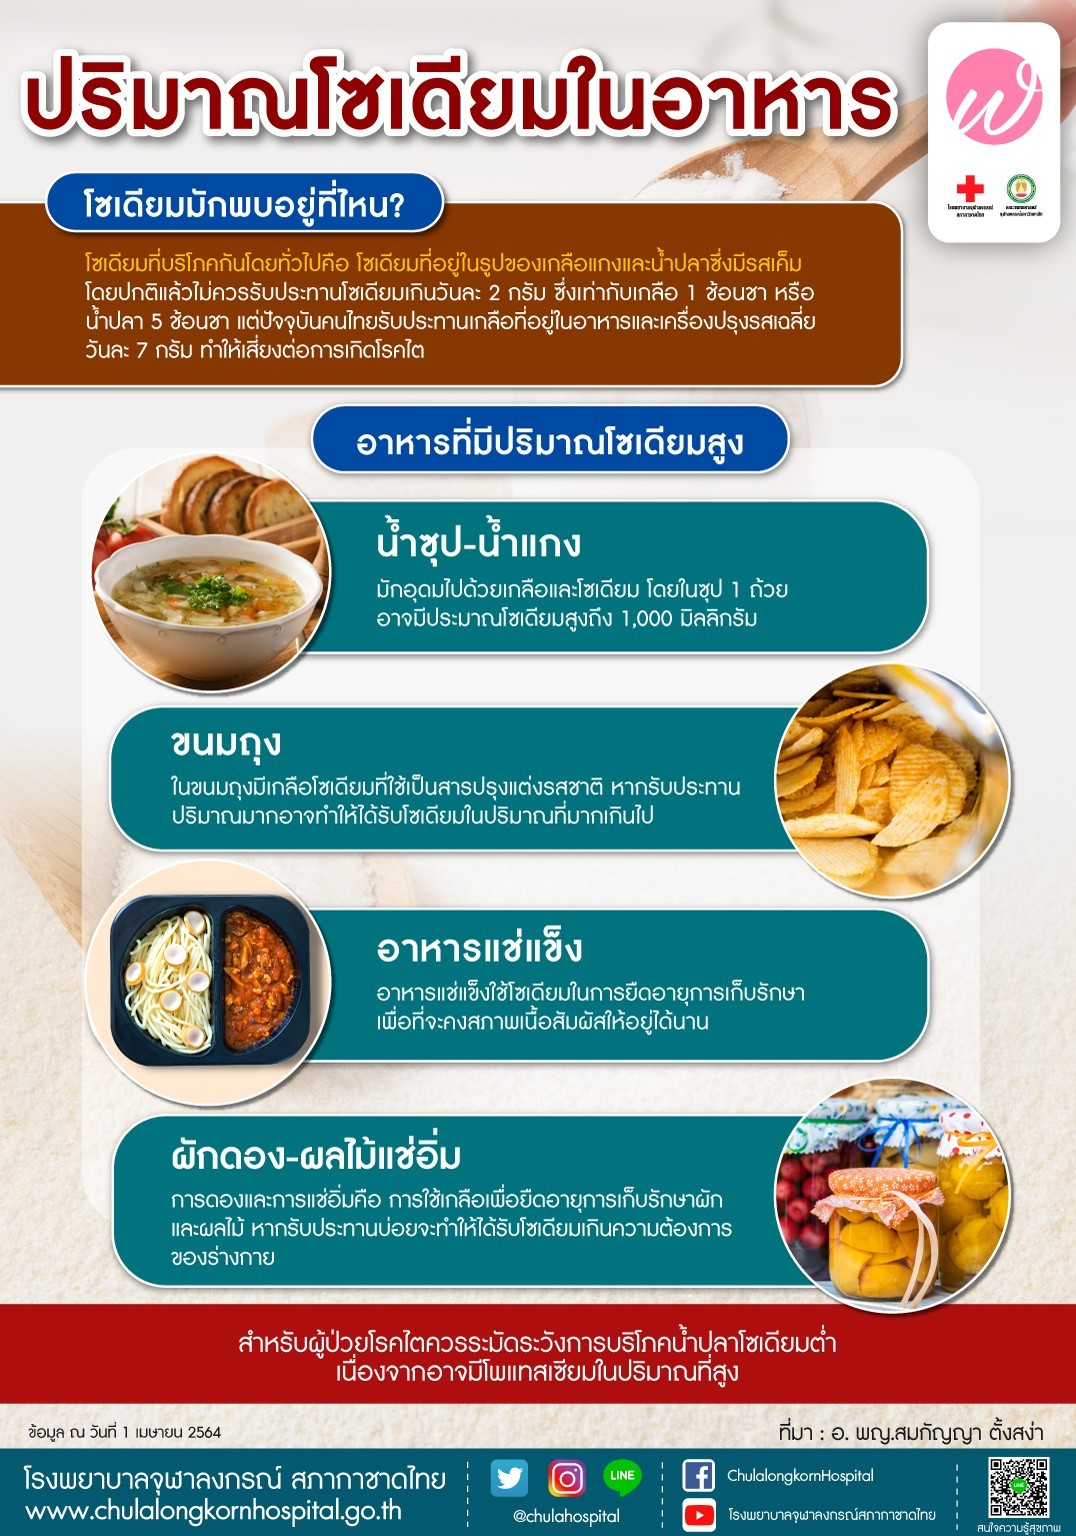 ปริมาณโซเดียมในอาหาร